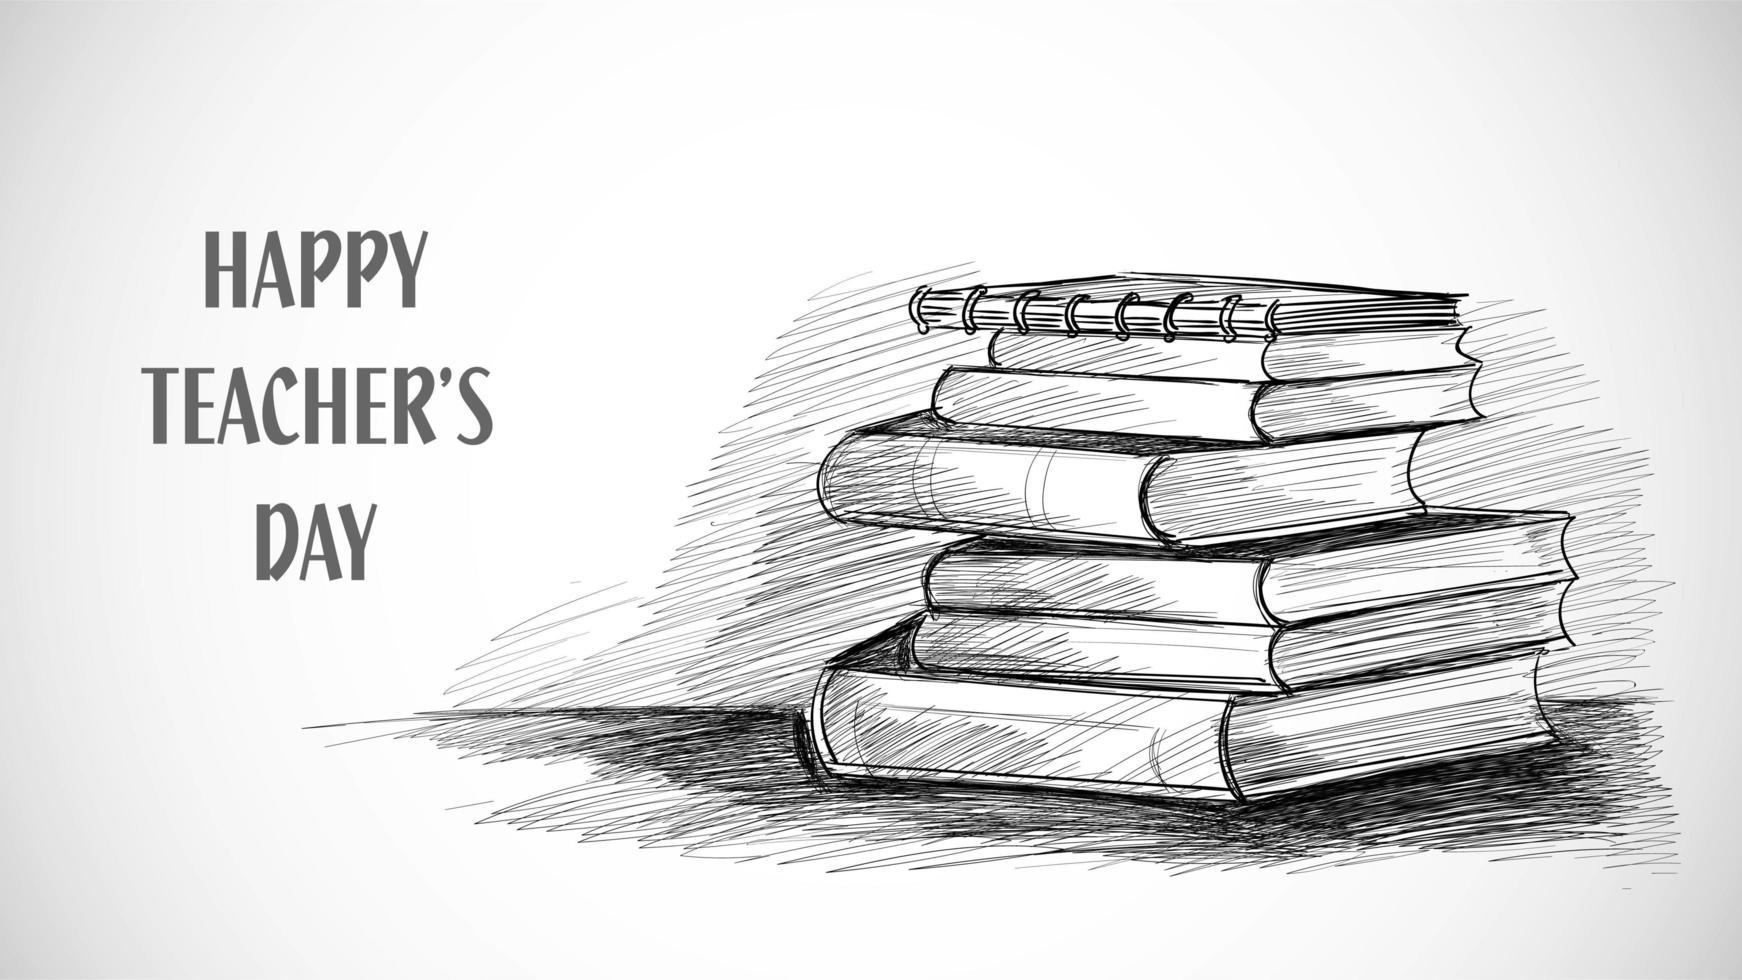 feliz dia dos professores caderno de desenho vetor